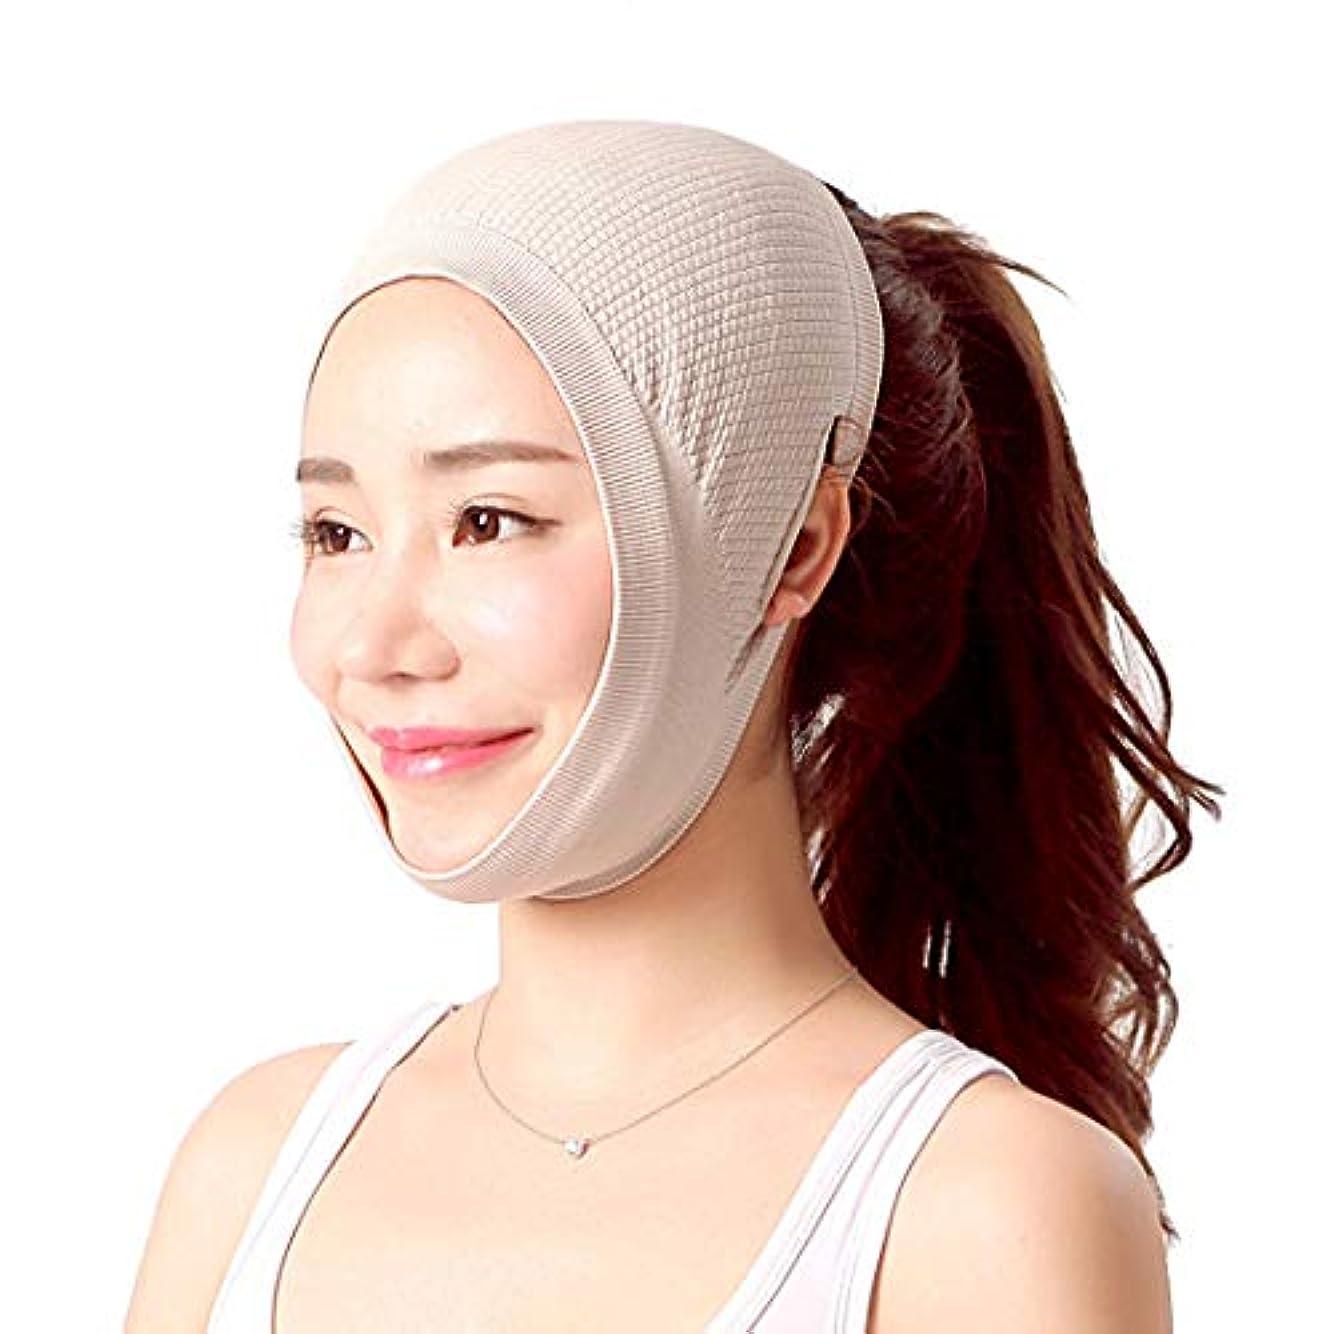 倉庫バッテリー手配するZWBD フェイスマスク, 減量の包帯を取除くために皮の包帯、二重あごをきつく締めるための顔の包帯が付いている顔の減量のマスクは調節することができます